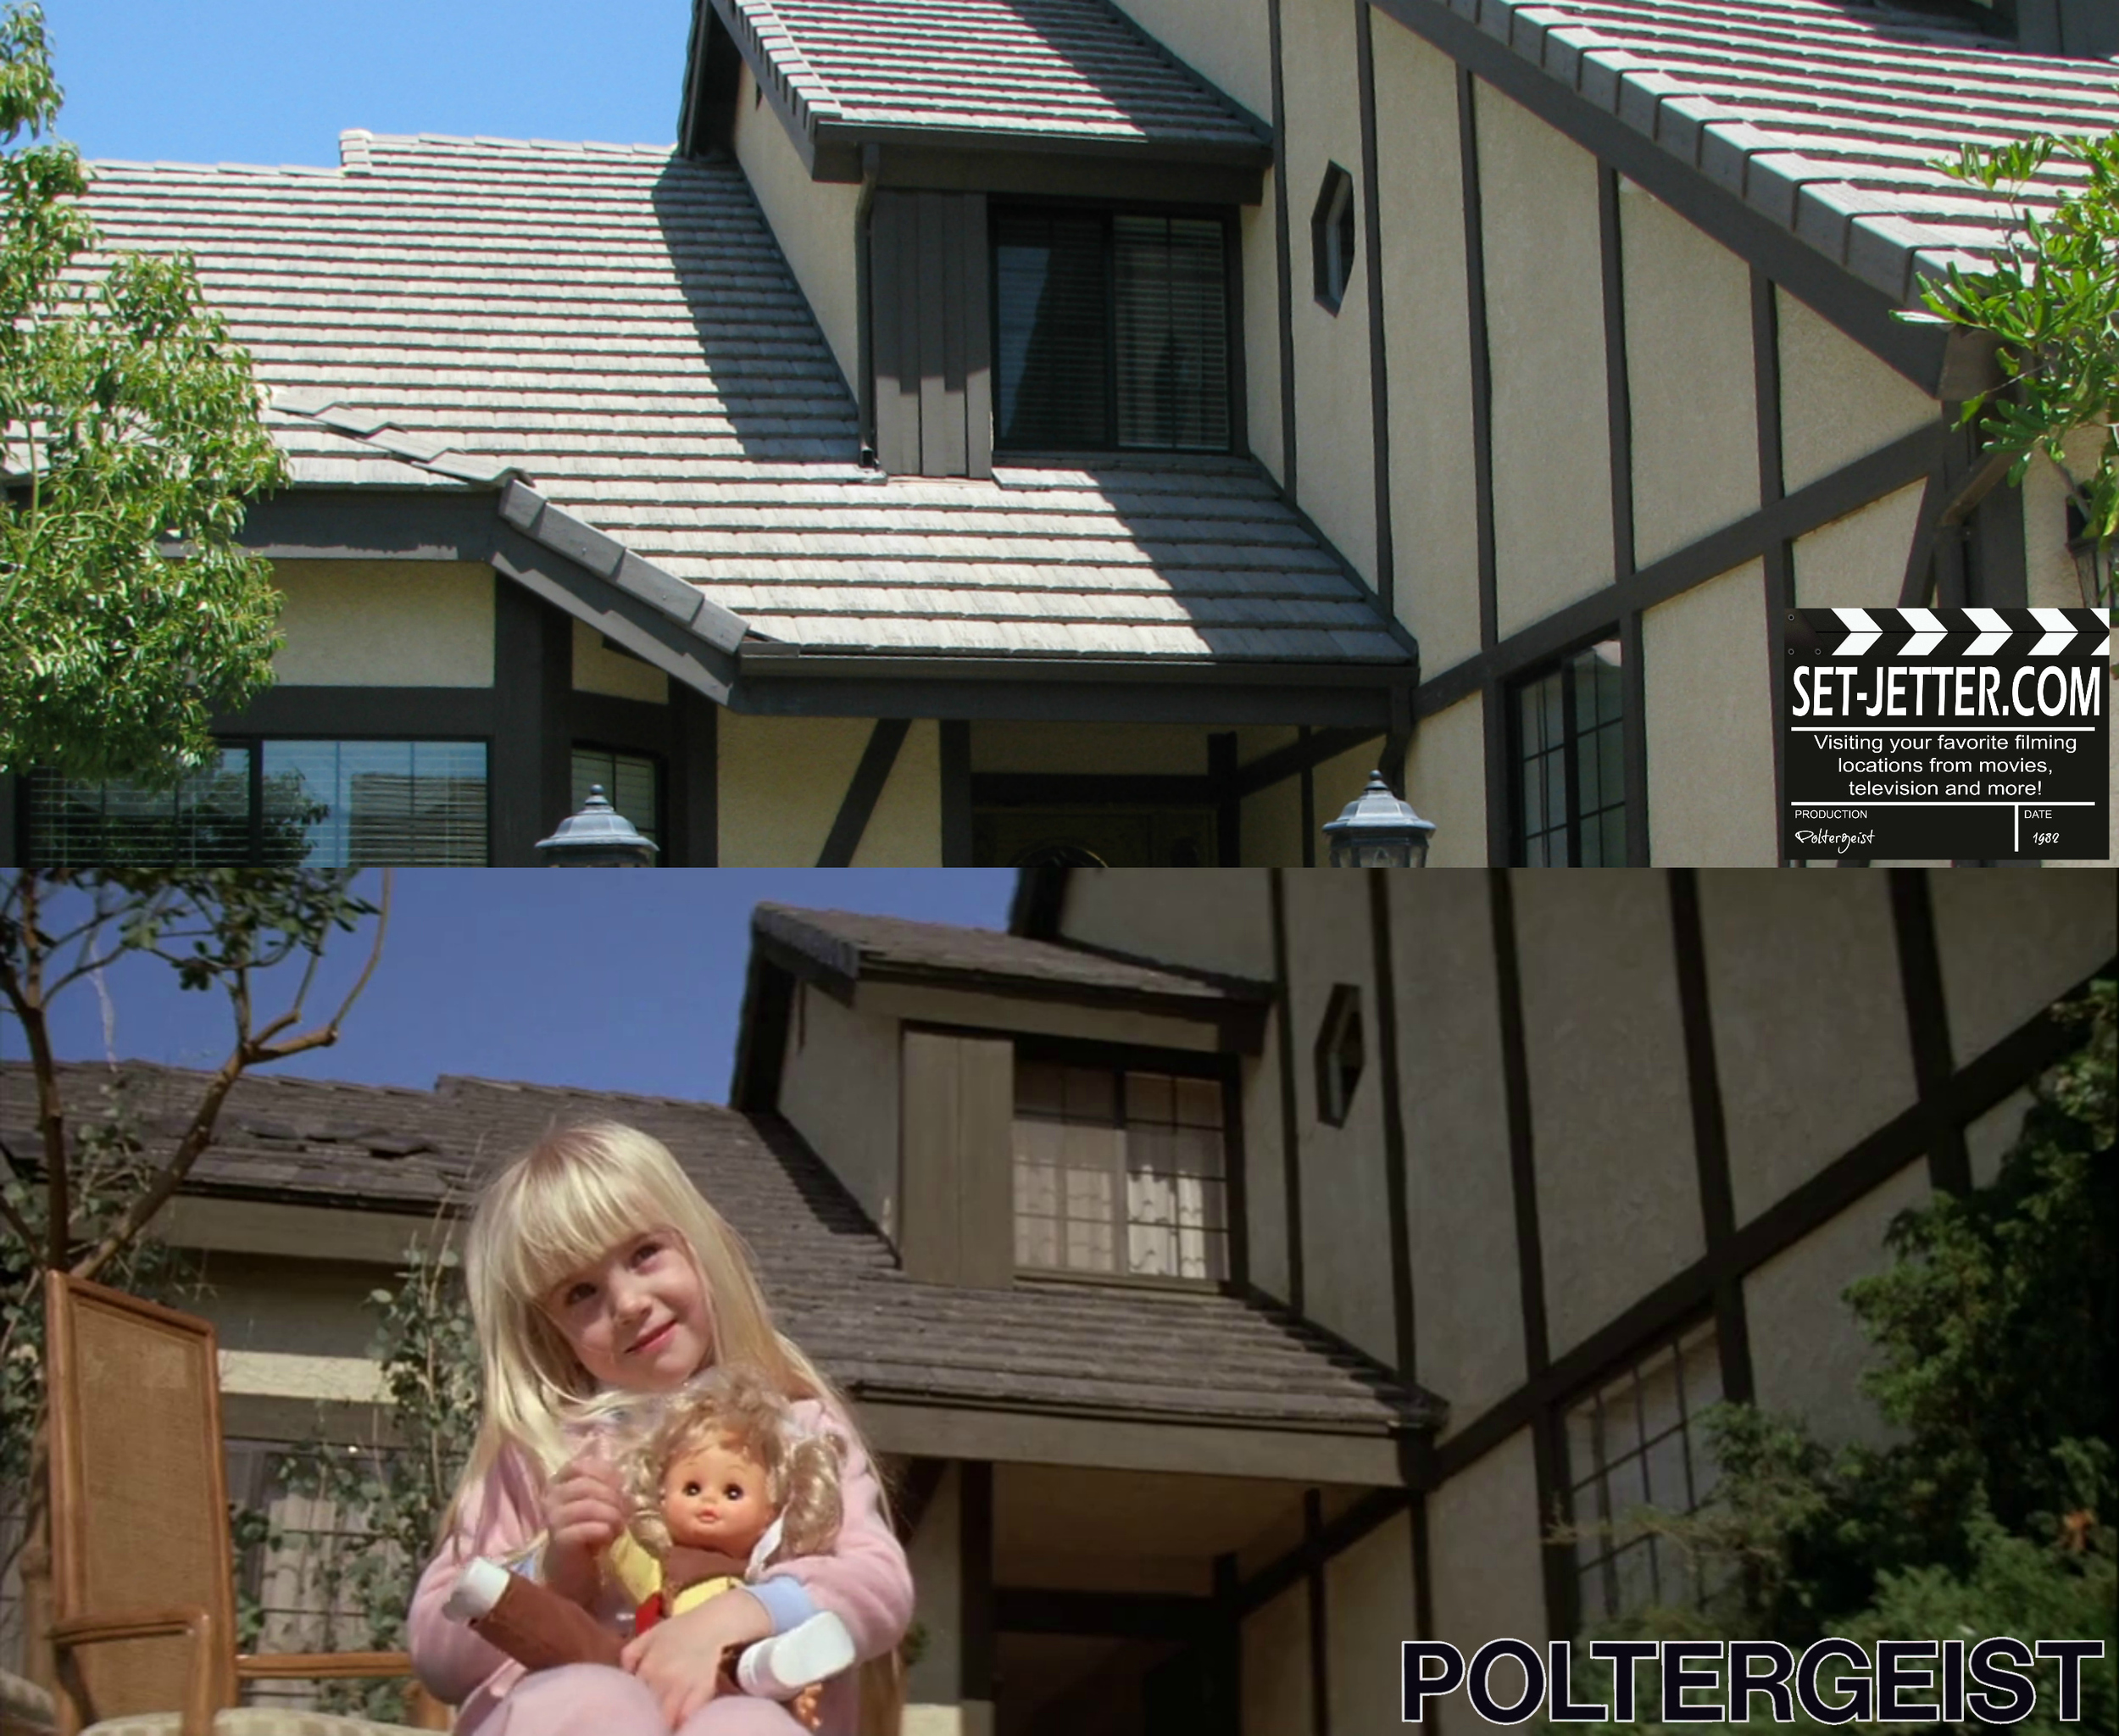 Poltergeist comparison 61.jpg